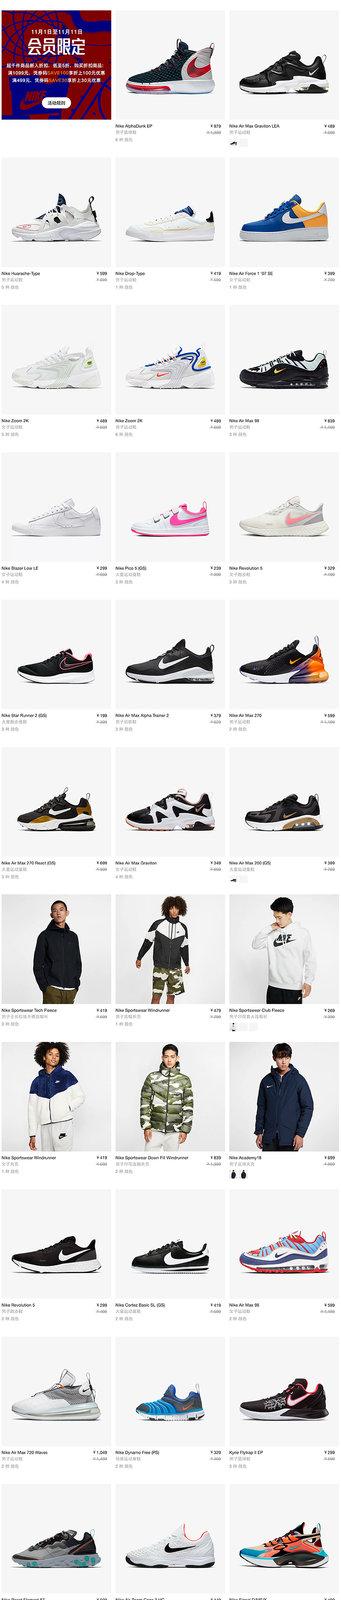 Nike,双 11,发售 Nike 官网双 11 新一波折扣已开启!低至五折,更有额外满减!